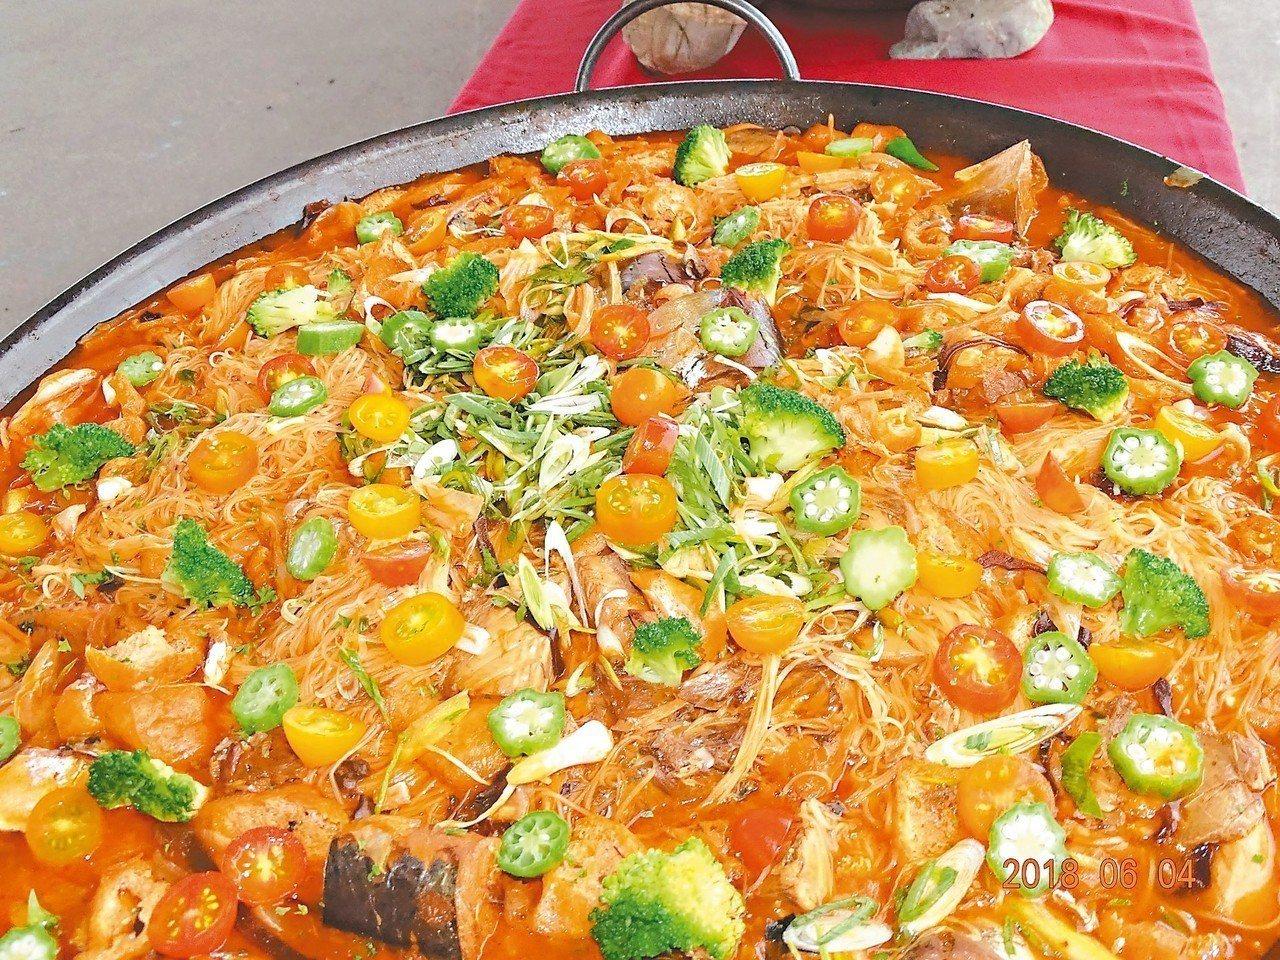 「茄汁鯖魚麵線」色香味俱全。 圖/蘇澳鎮公所提供